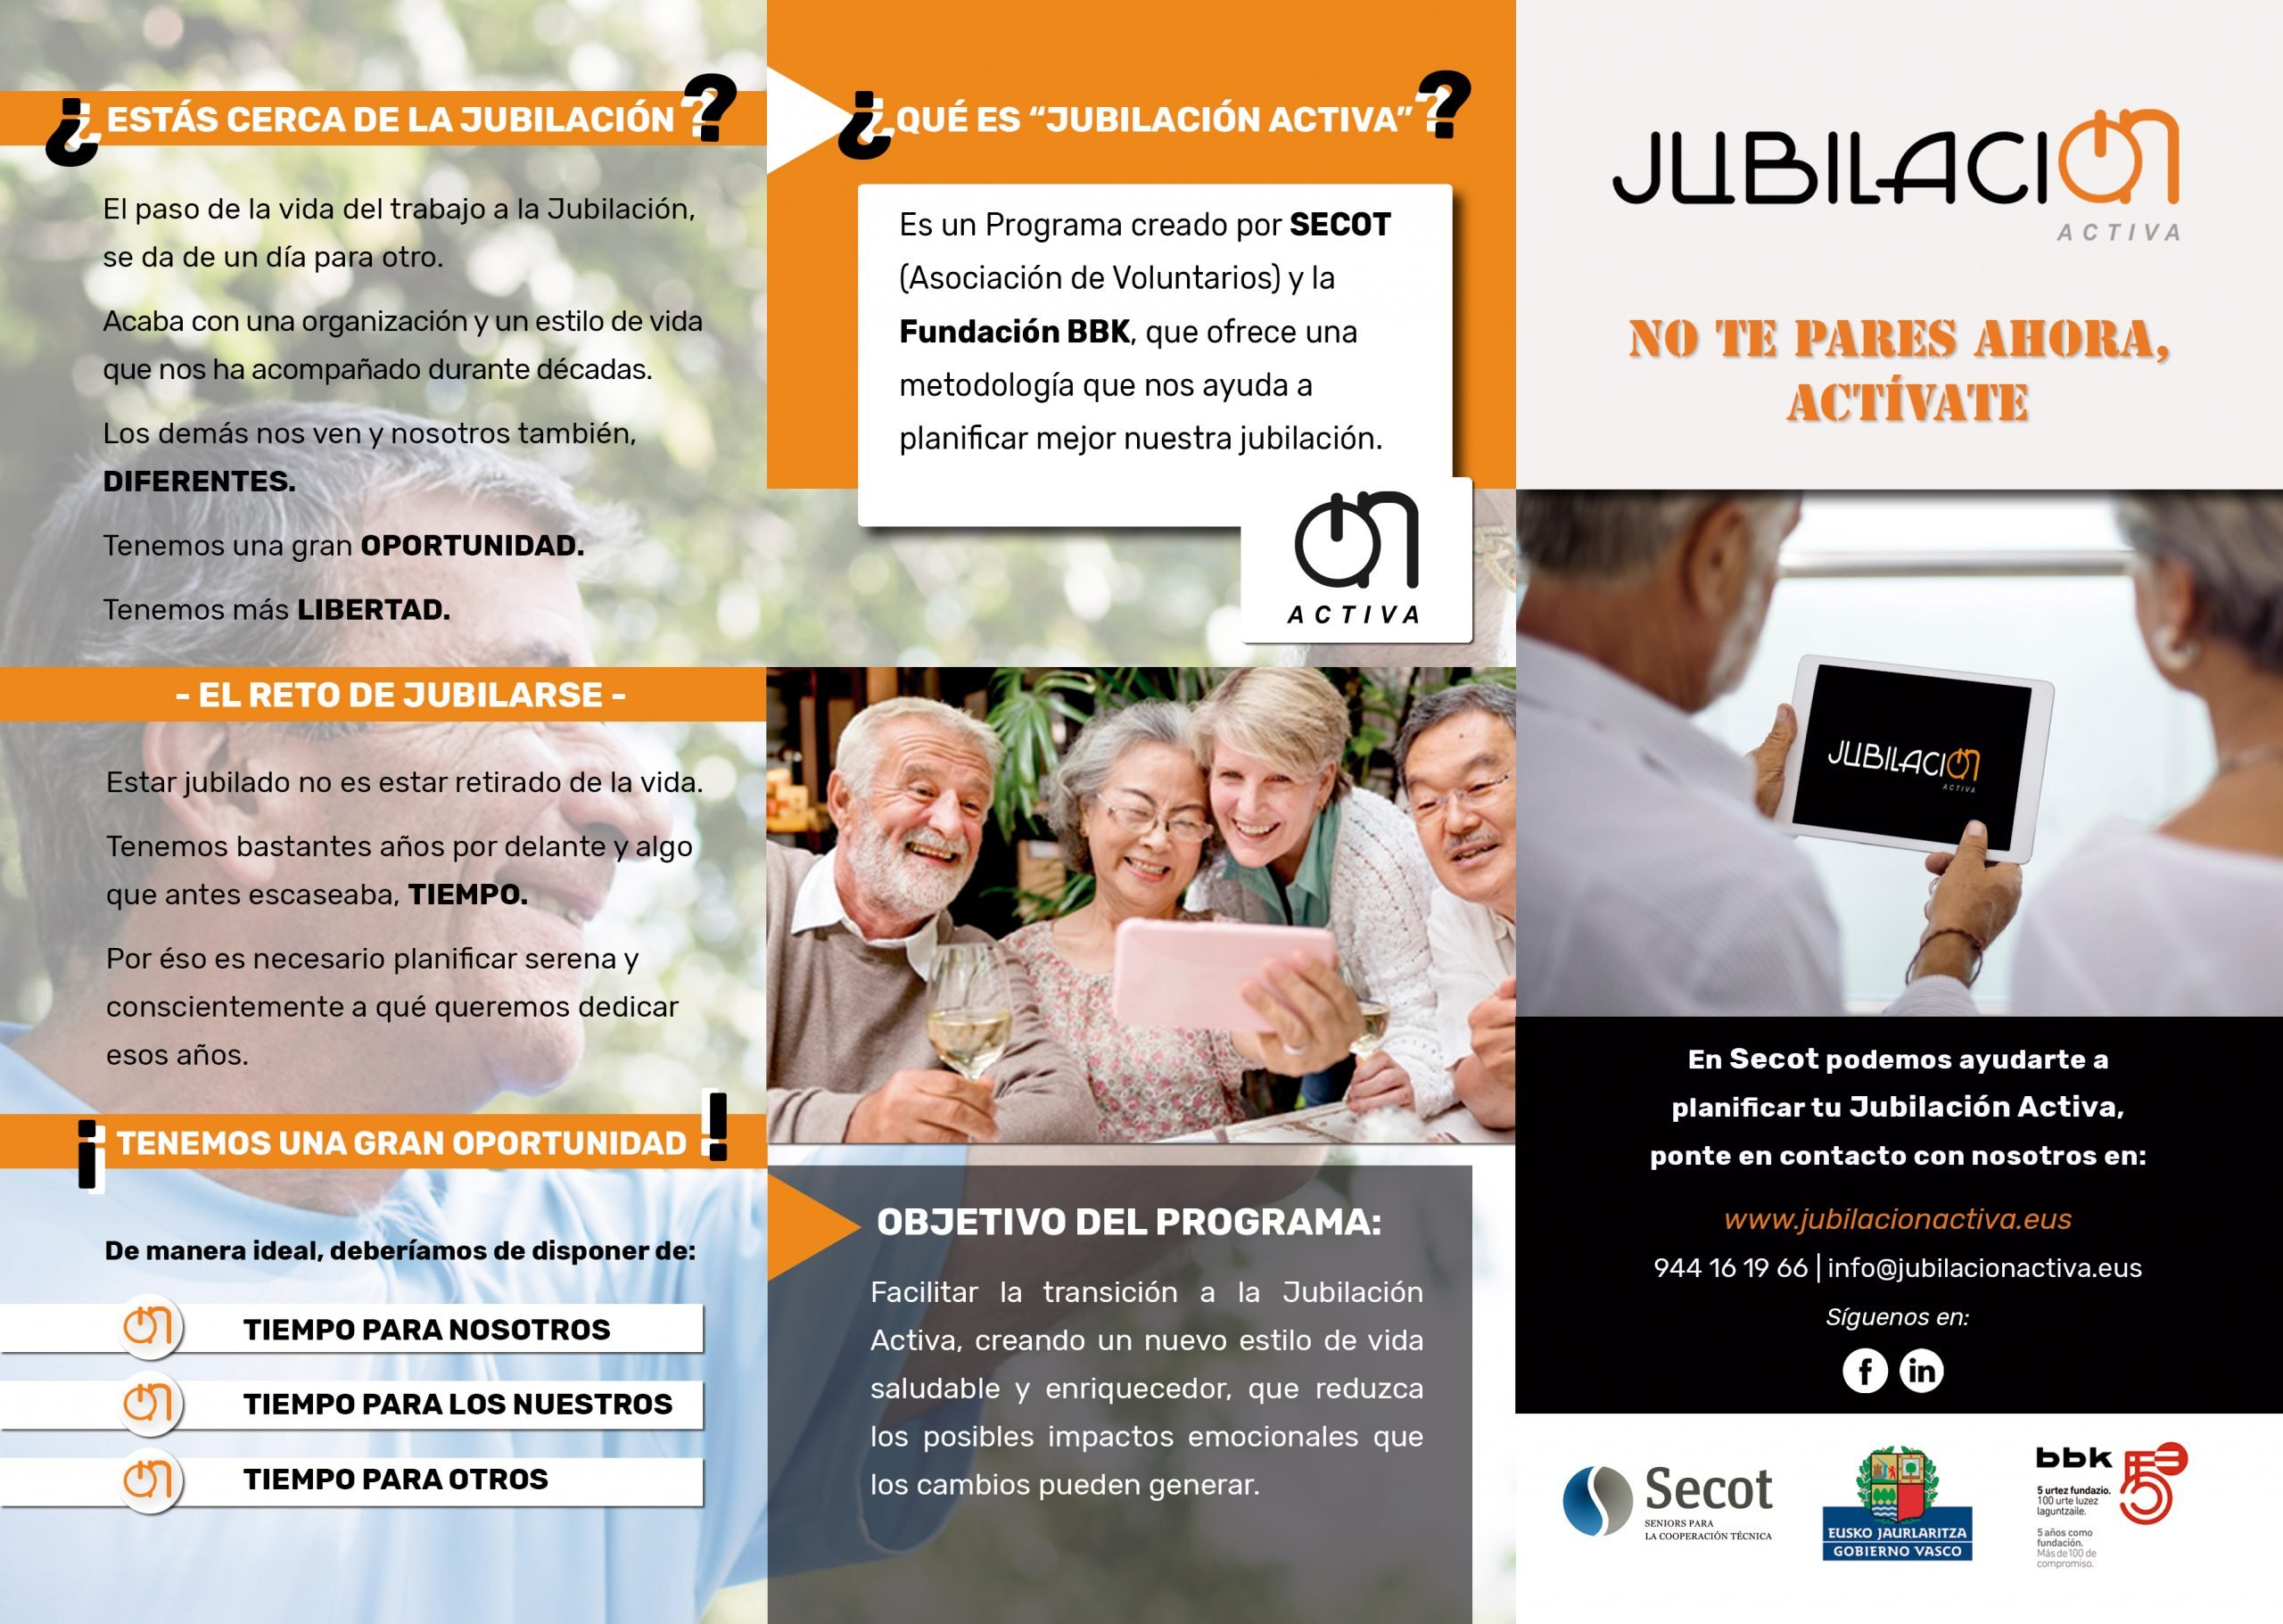 TRÍPTICO-JUBILACIÓN-ACTIVA-PROGRAMA